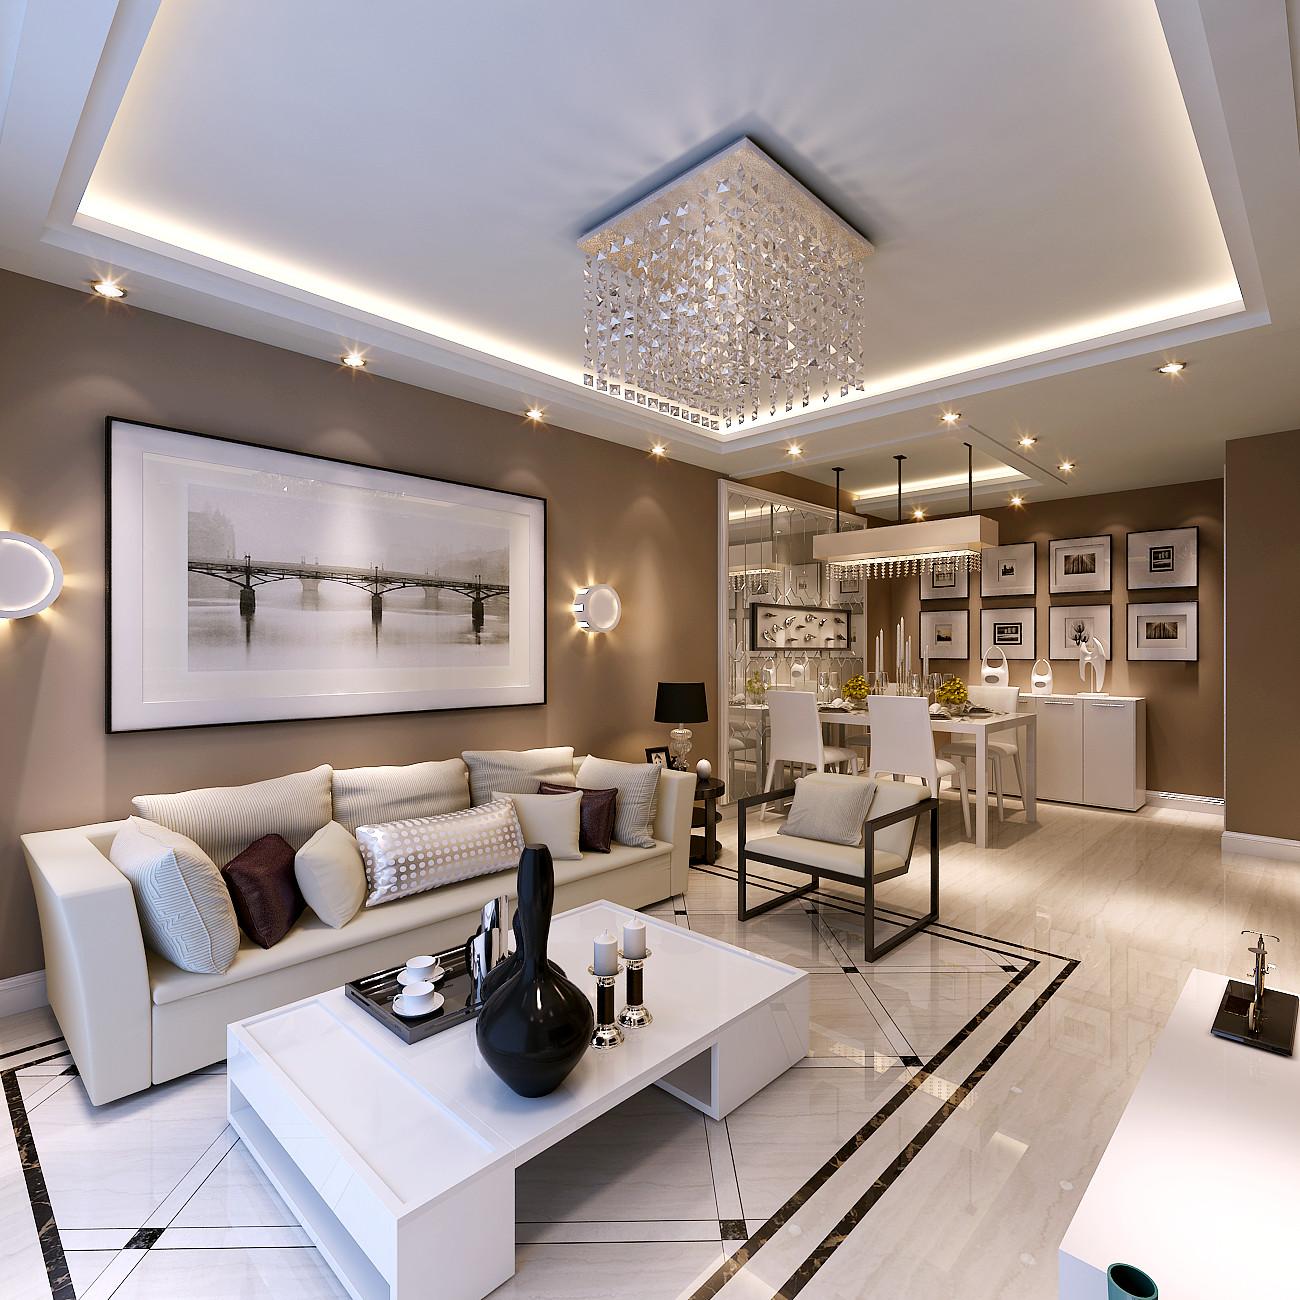 90平米的房这样装修好看100倍,现代简约风格惊艳众人!-首开国风美唐装修